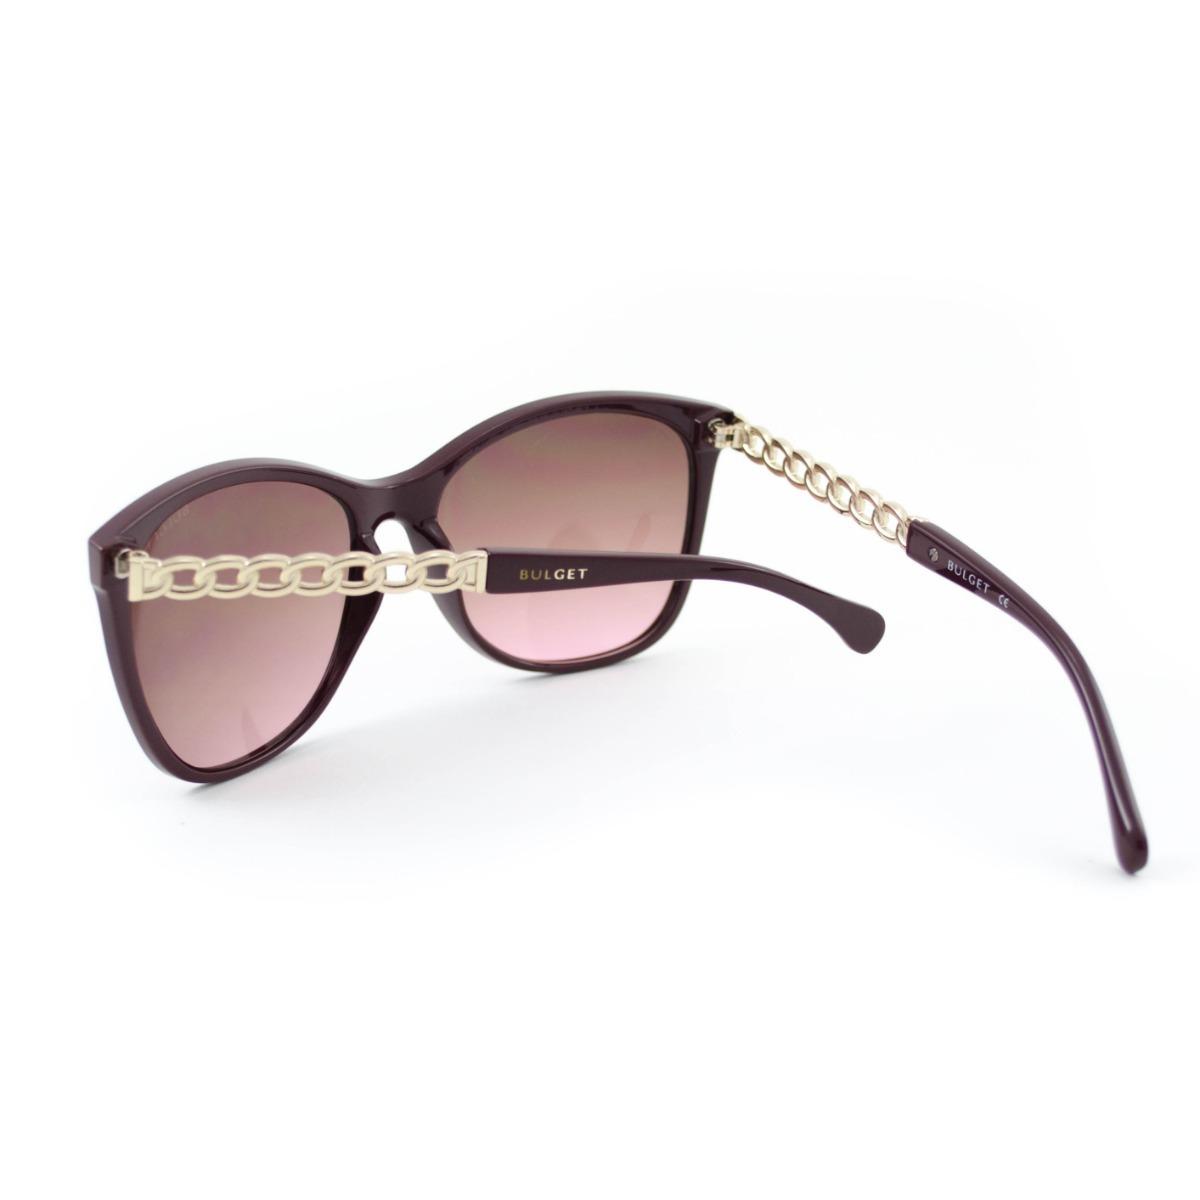 0dc9e94c0 Óculos De Sol Bulget - Bg5120 D01 - Vermelho - R$ 199,99 em Mercado ...